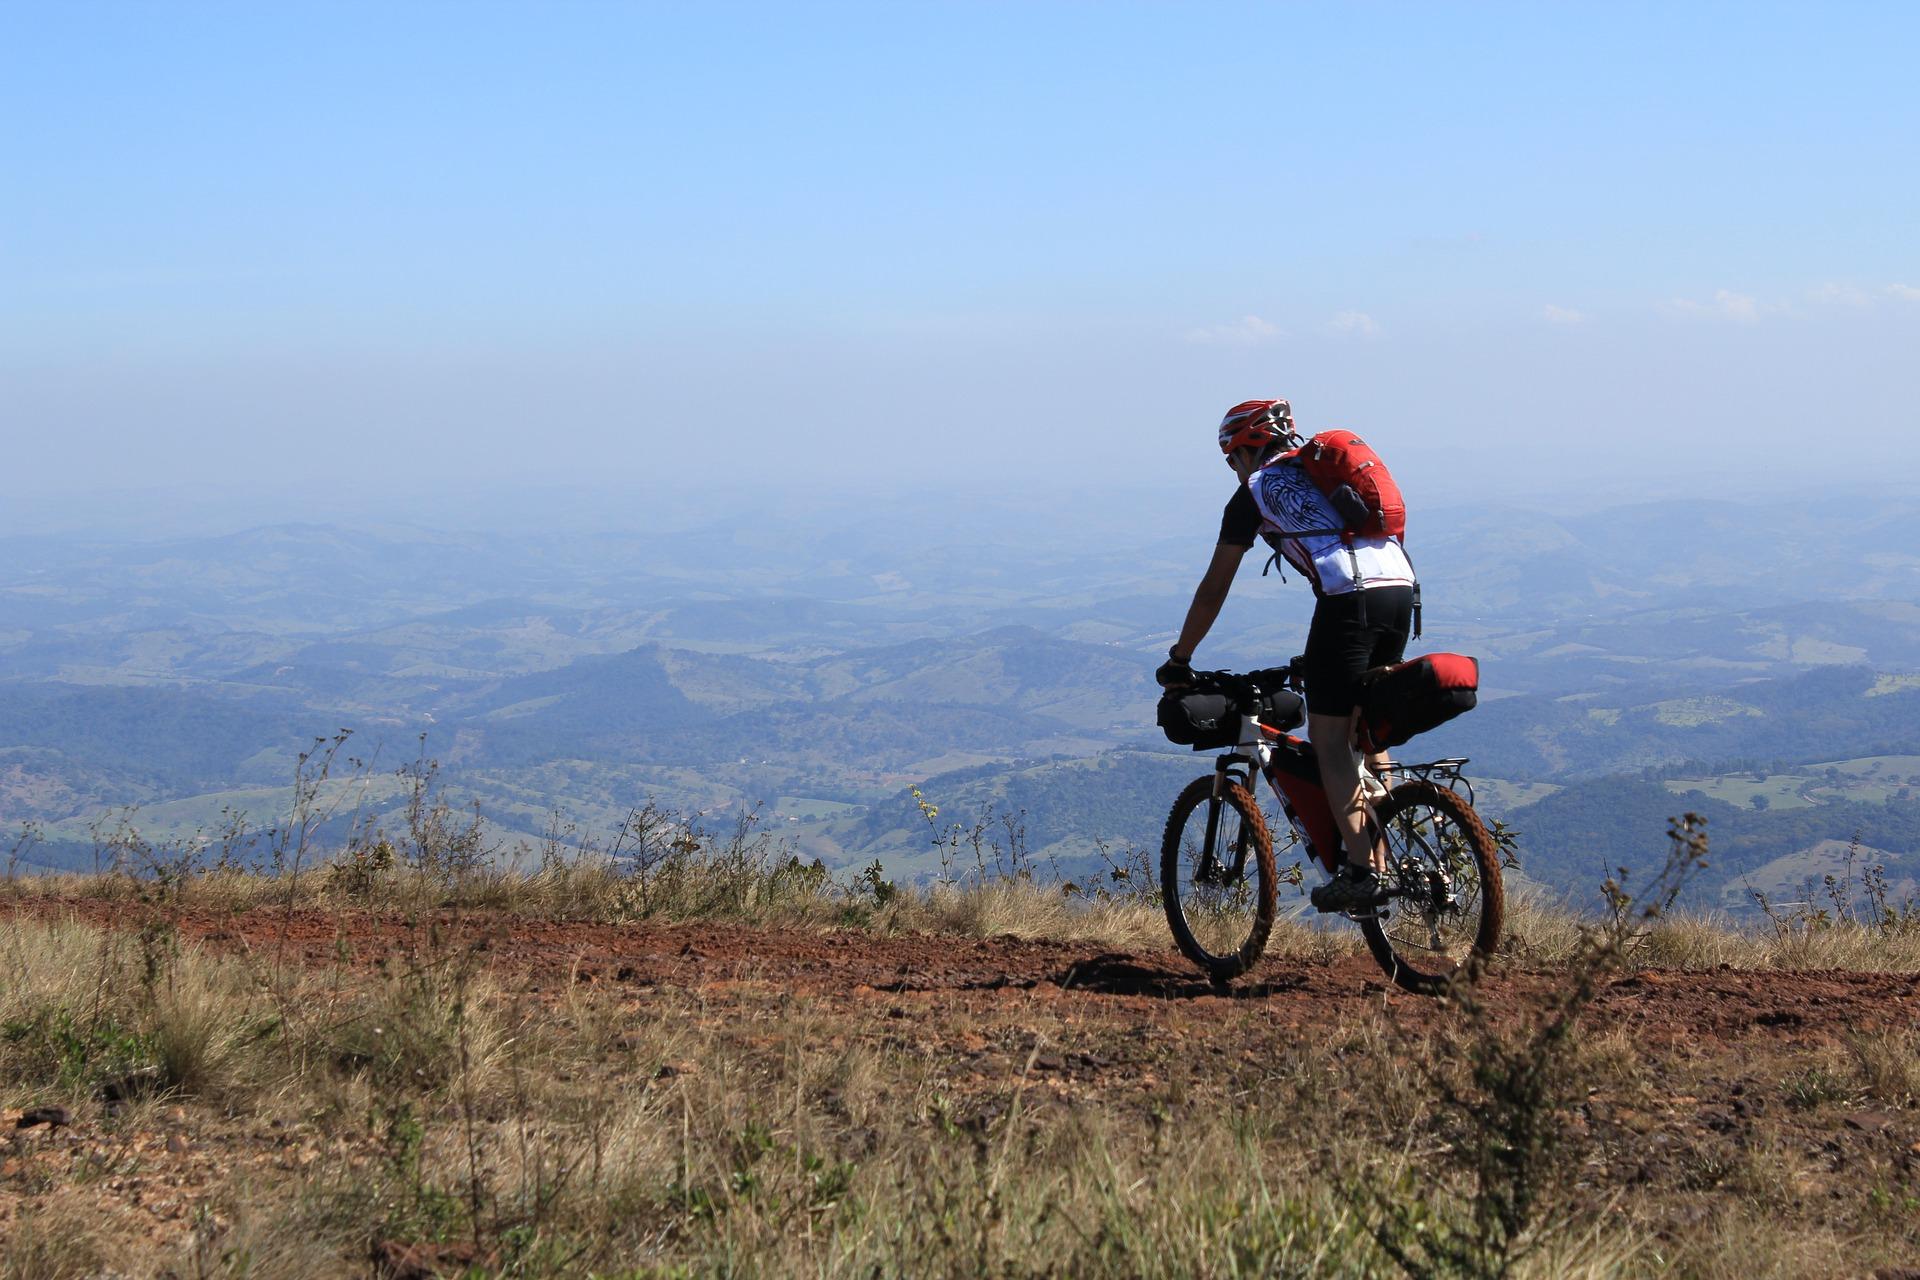 Conheça 10 roteiros imperdíveis para viajar de bicicleta no Brasil